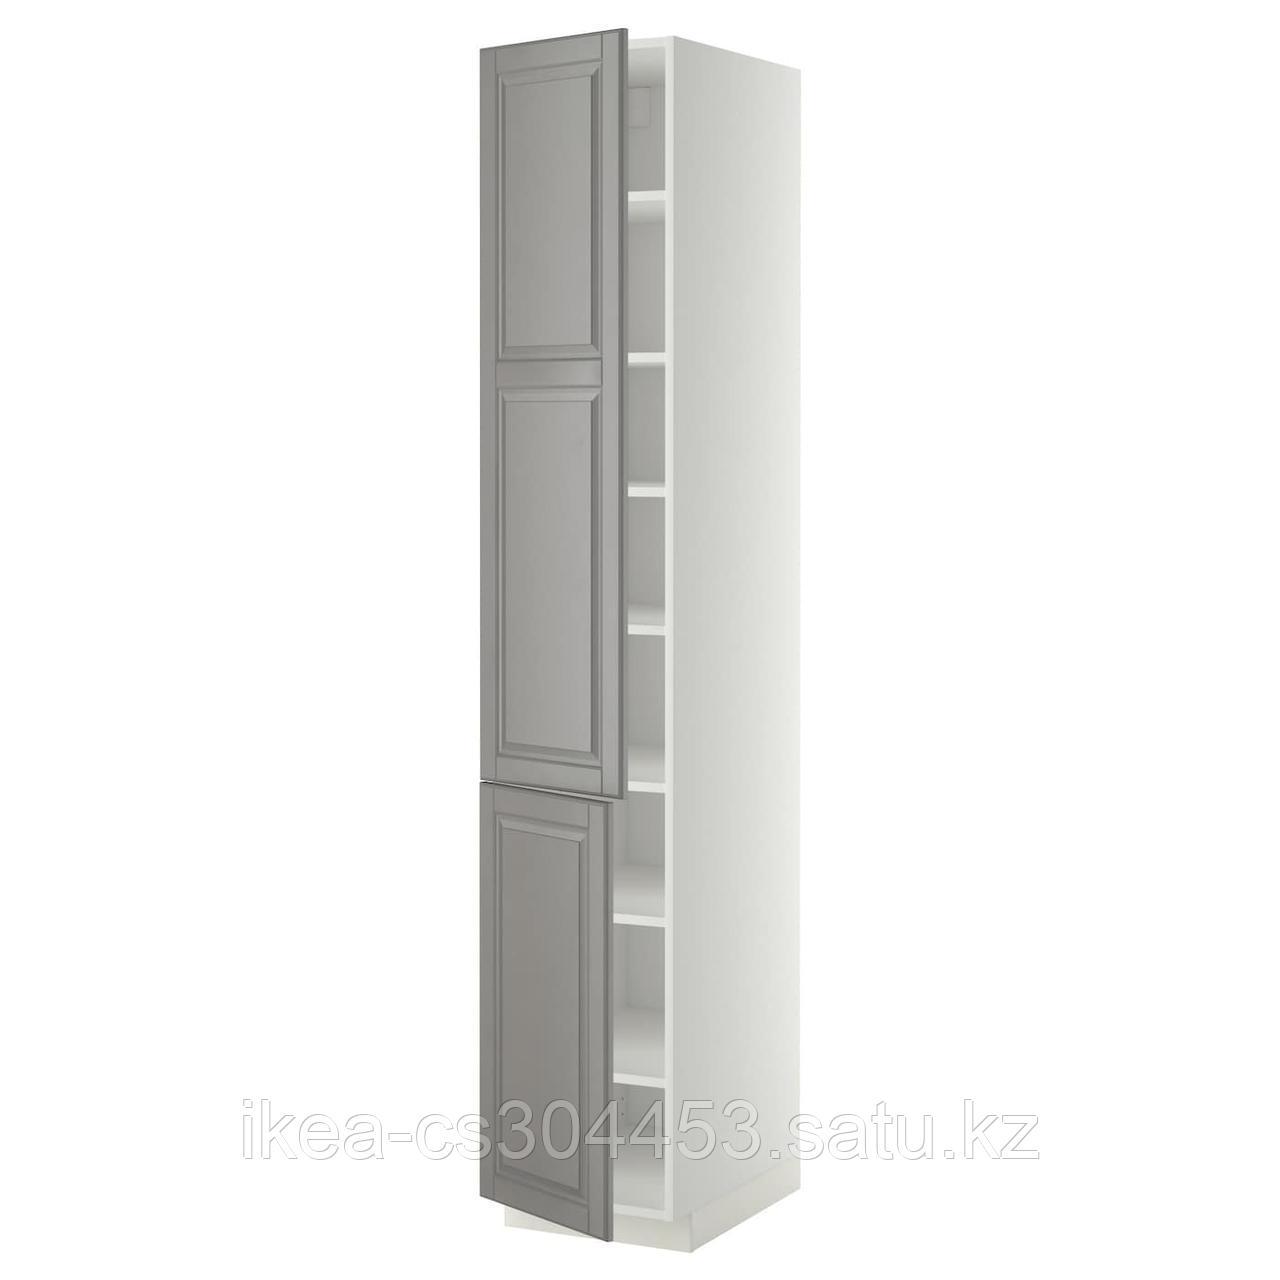 МЕТОД система Высокие шкафы-пеналы